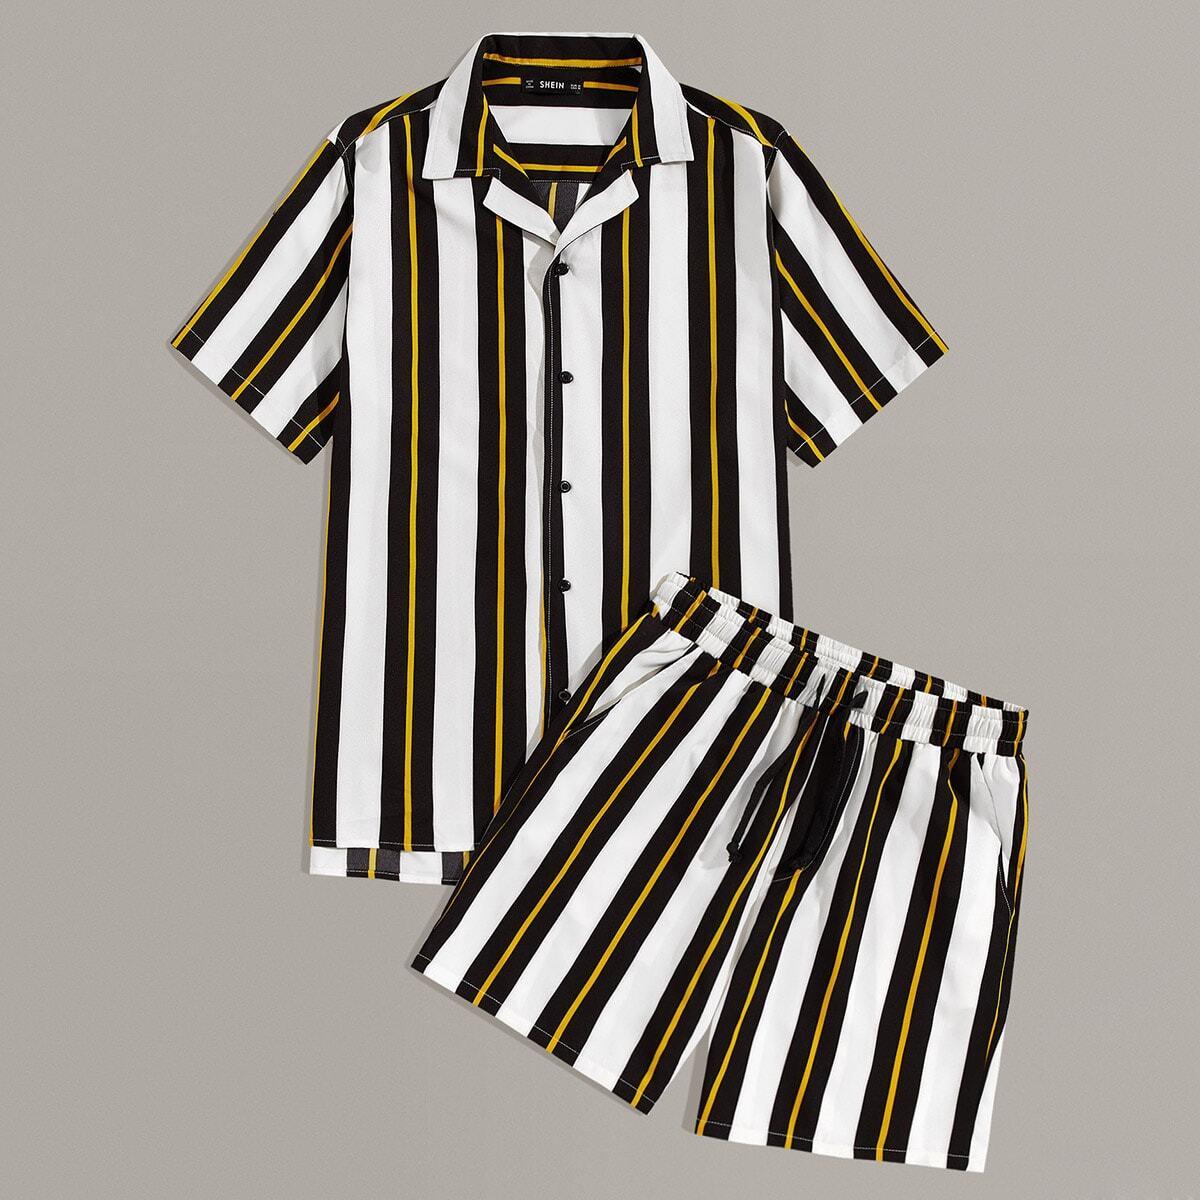 Мужские шорты и рубашка в полоску от SHEIN